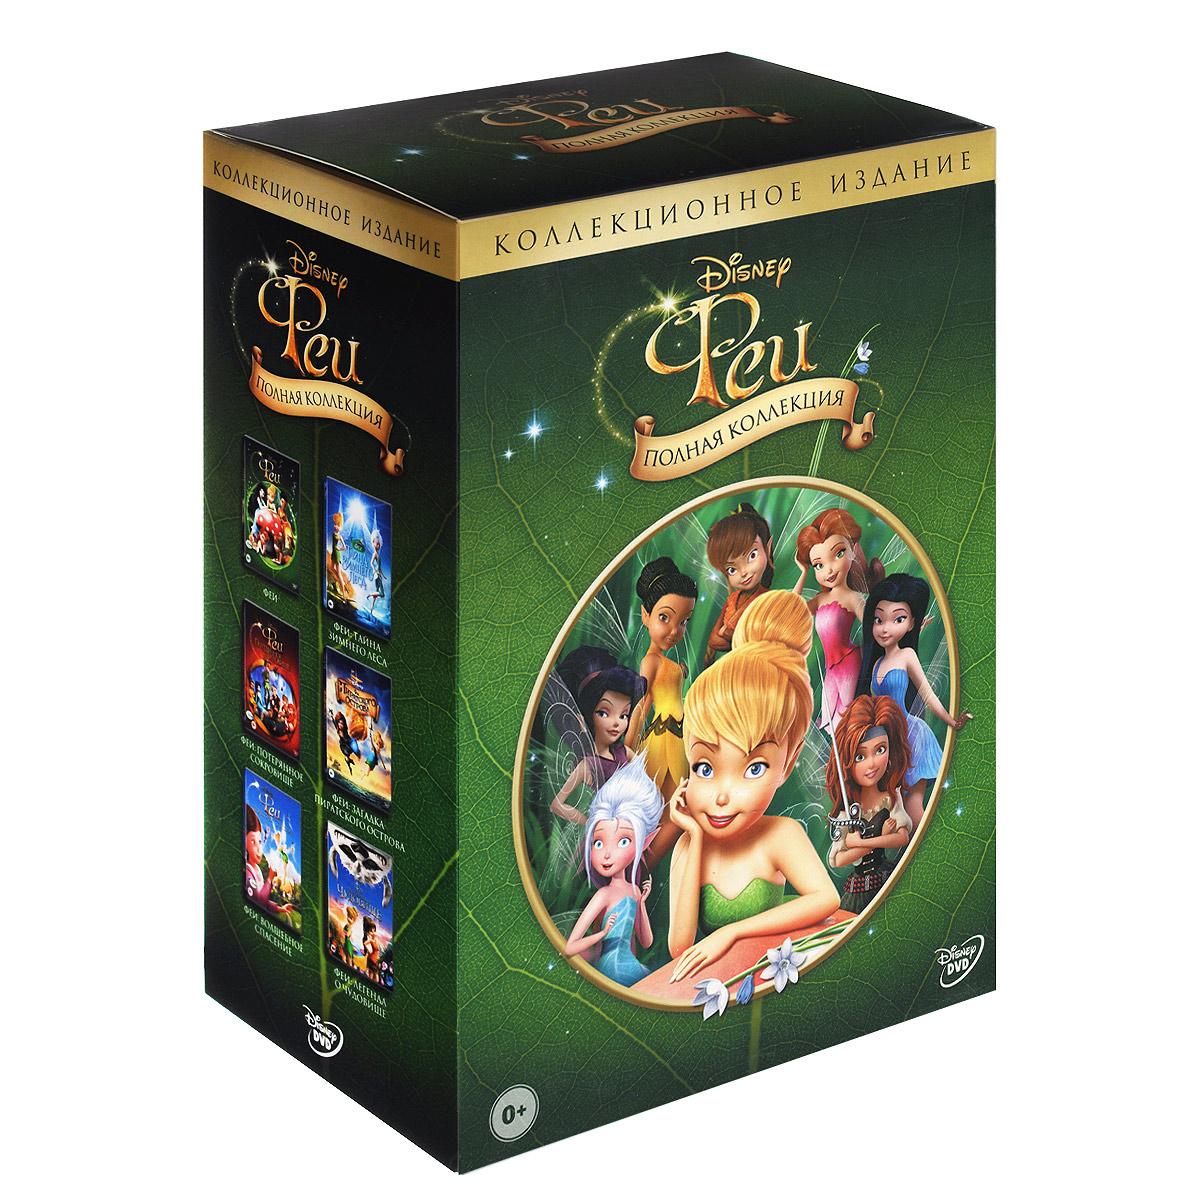 Феи: Полная коллекция (6 DVD)